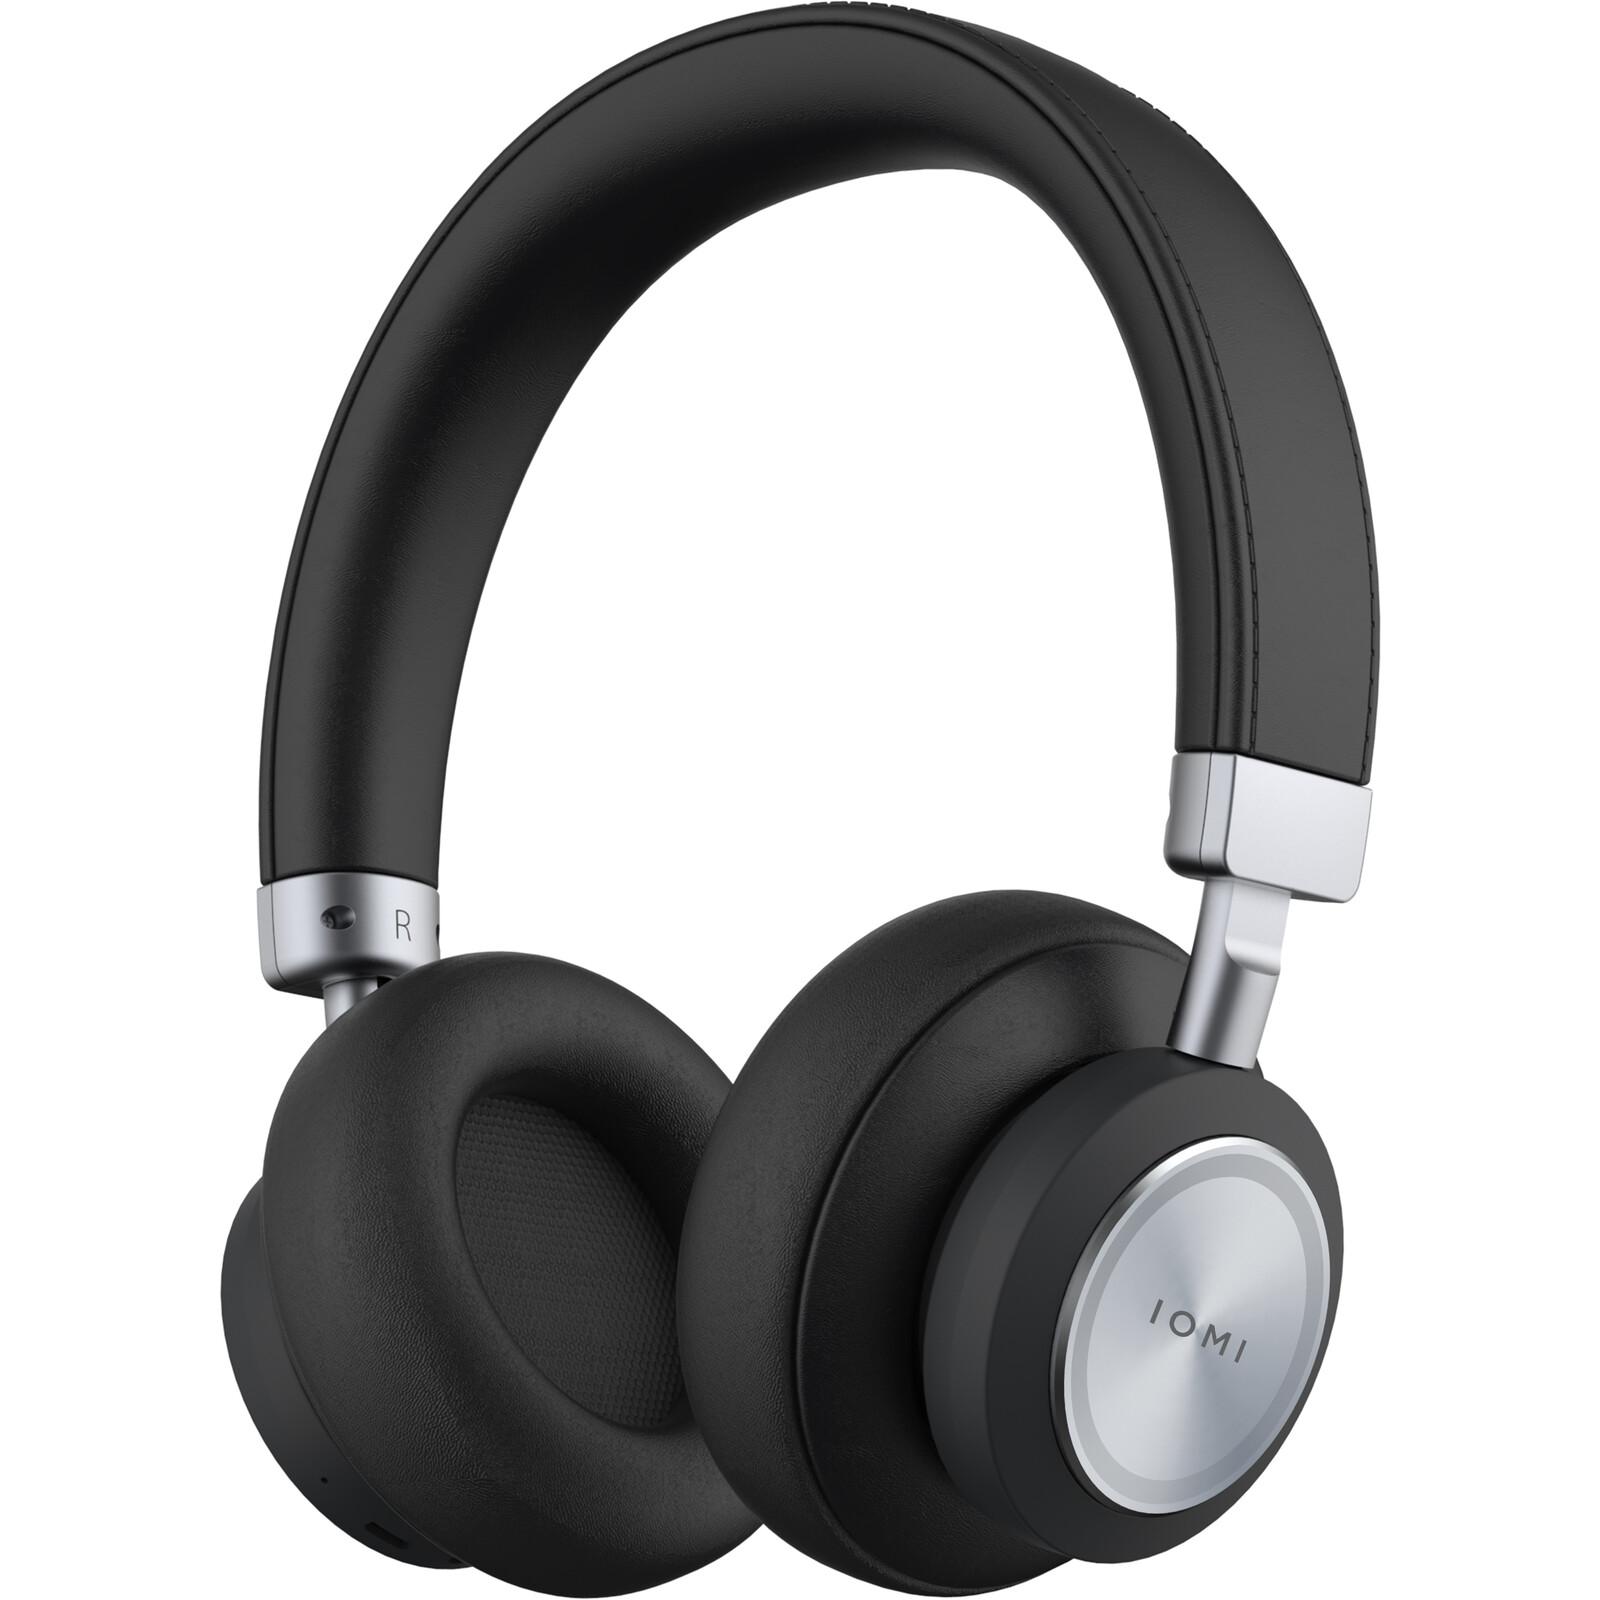 IOMI BT Over Ear Headphones schwarz